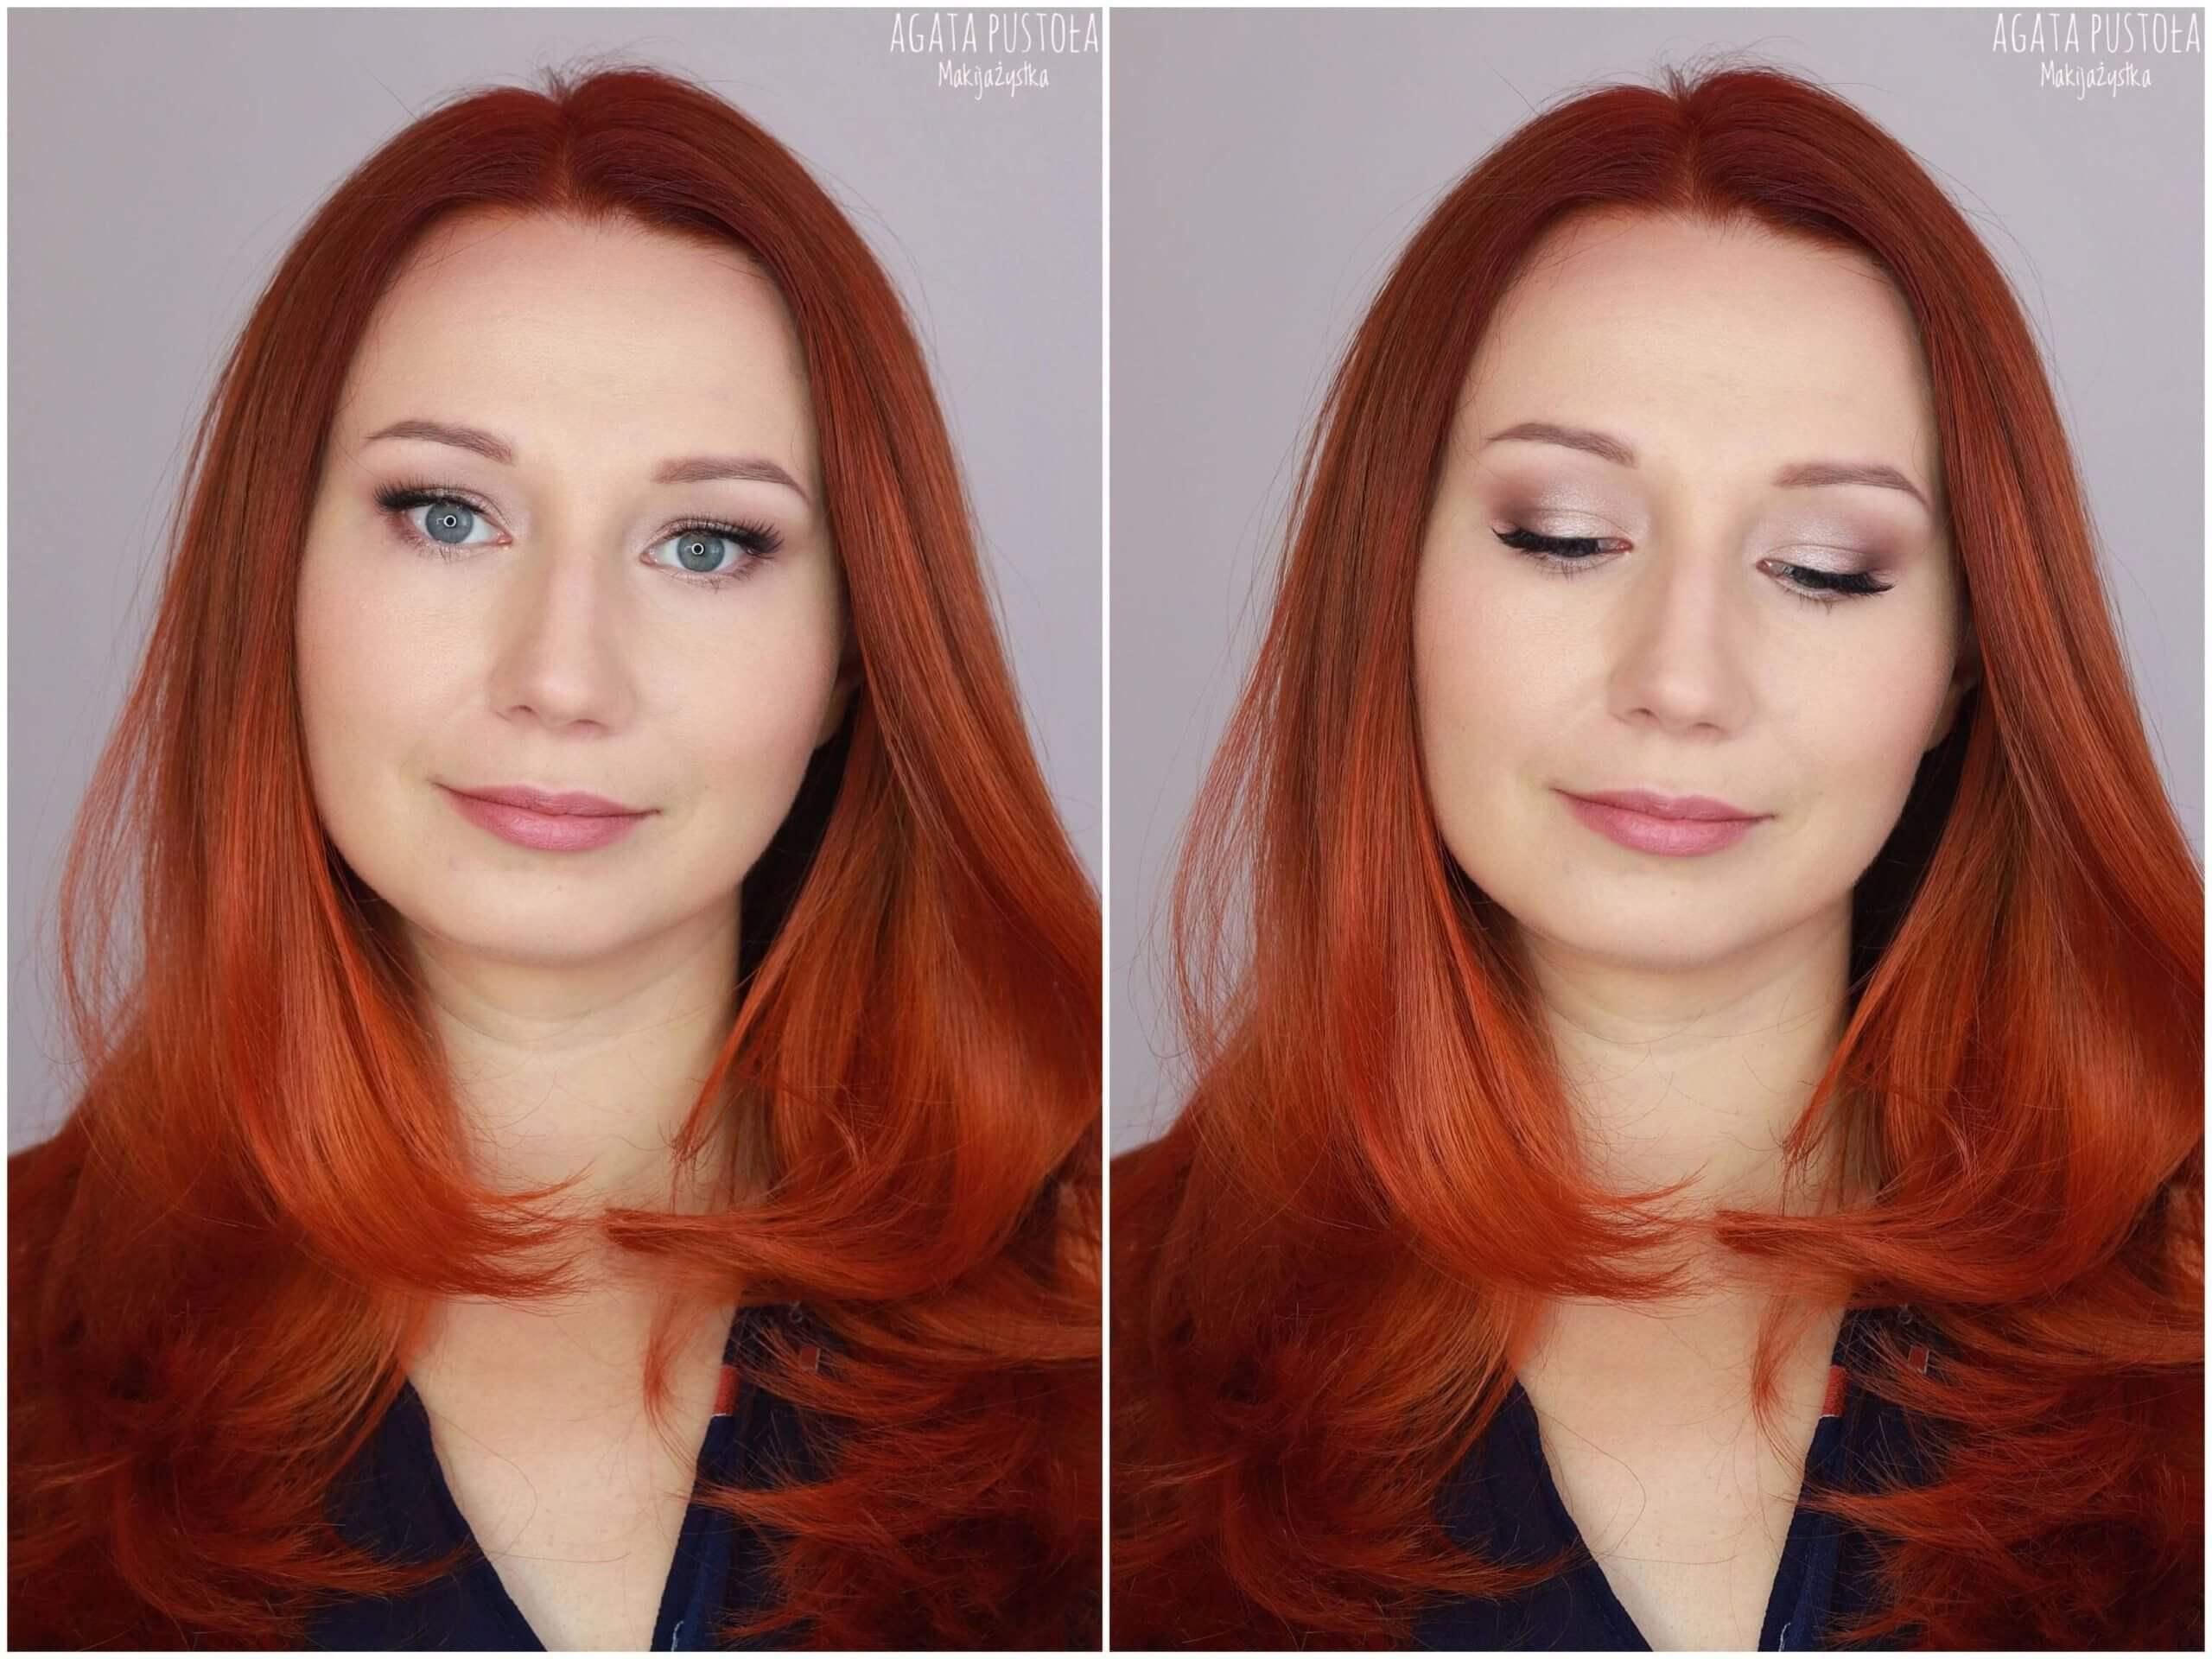 makijaż okolicznościowy do sesji zdjęciowej Warszawa